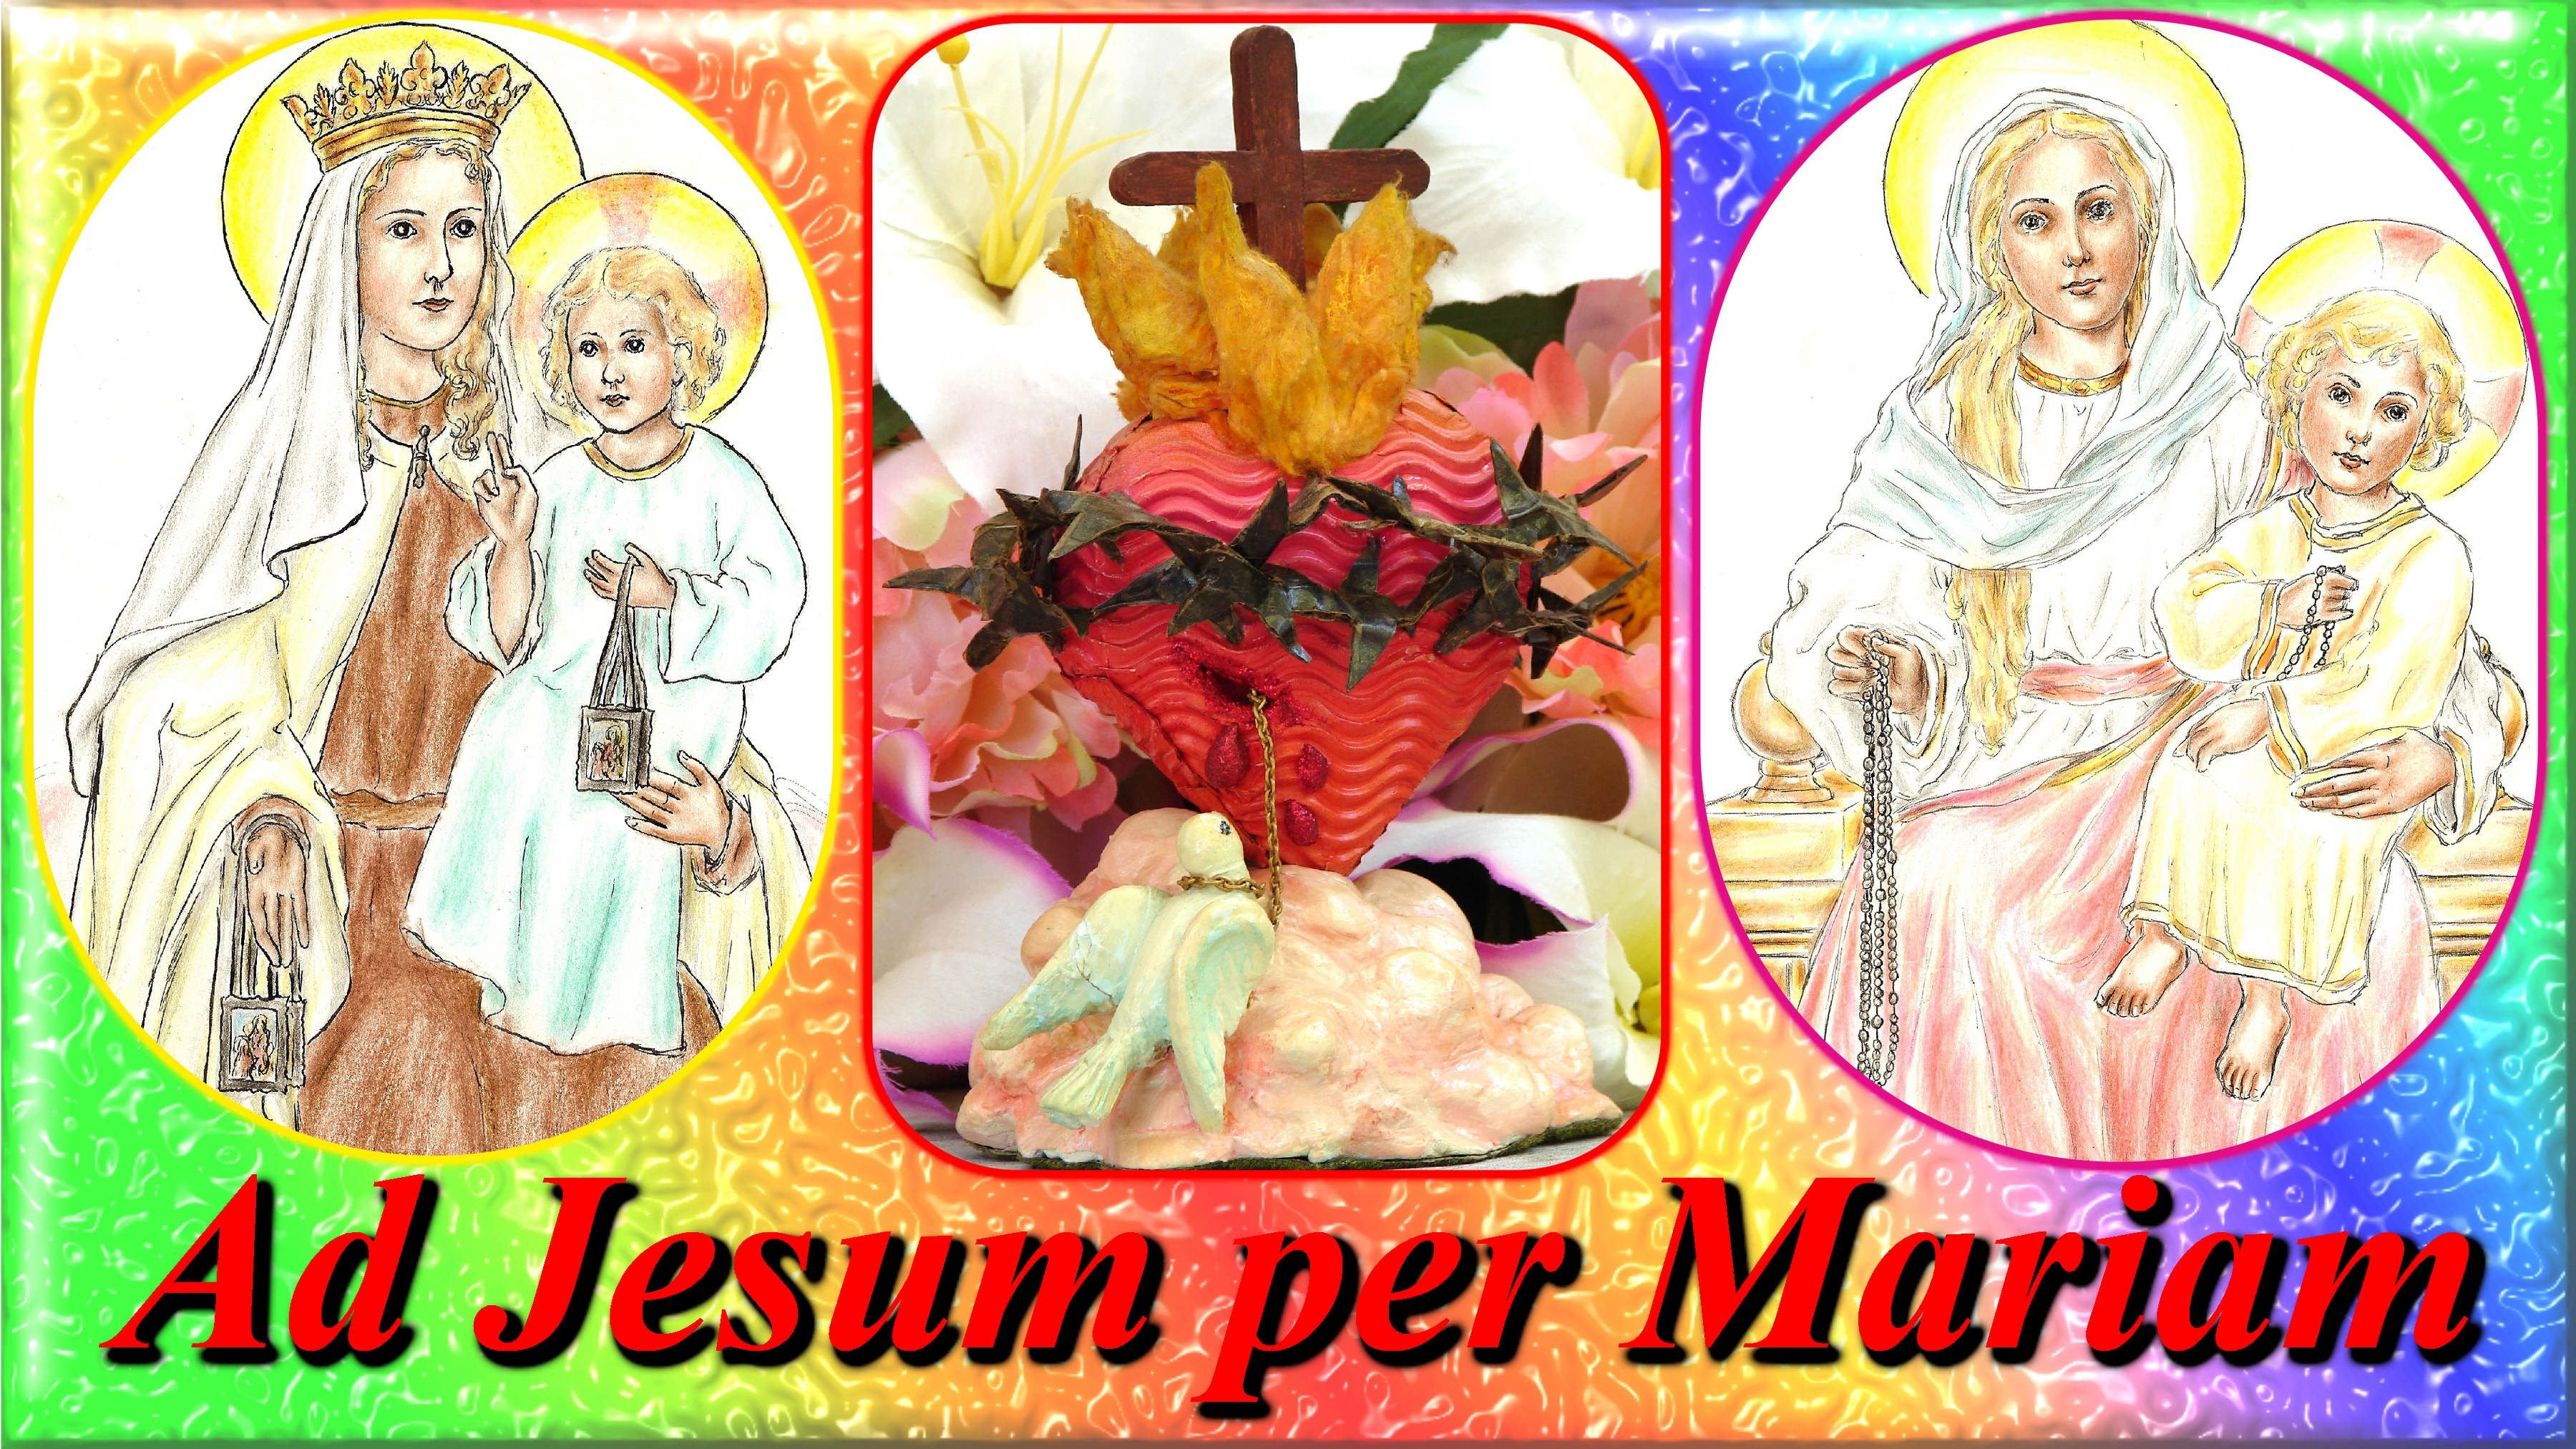 L'ANNÉE MARIALE par la Mère de Chaugy - Page 4 Ad-jesum-per-mariam-558f552